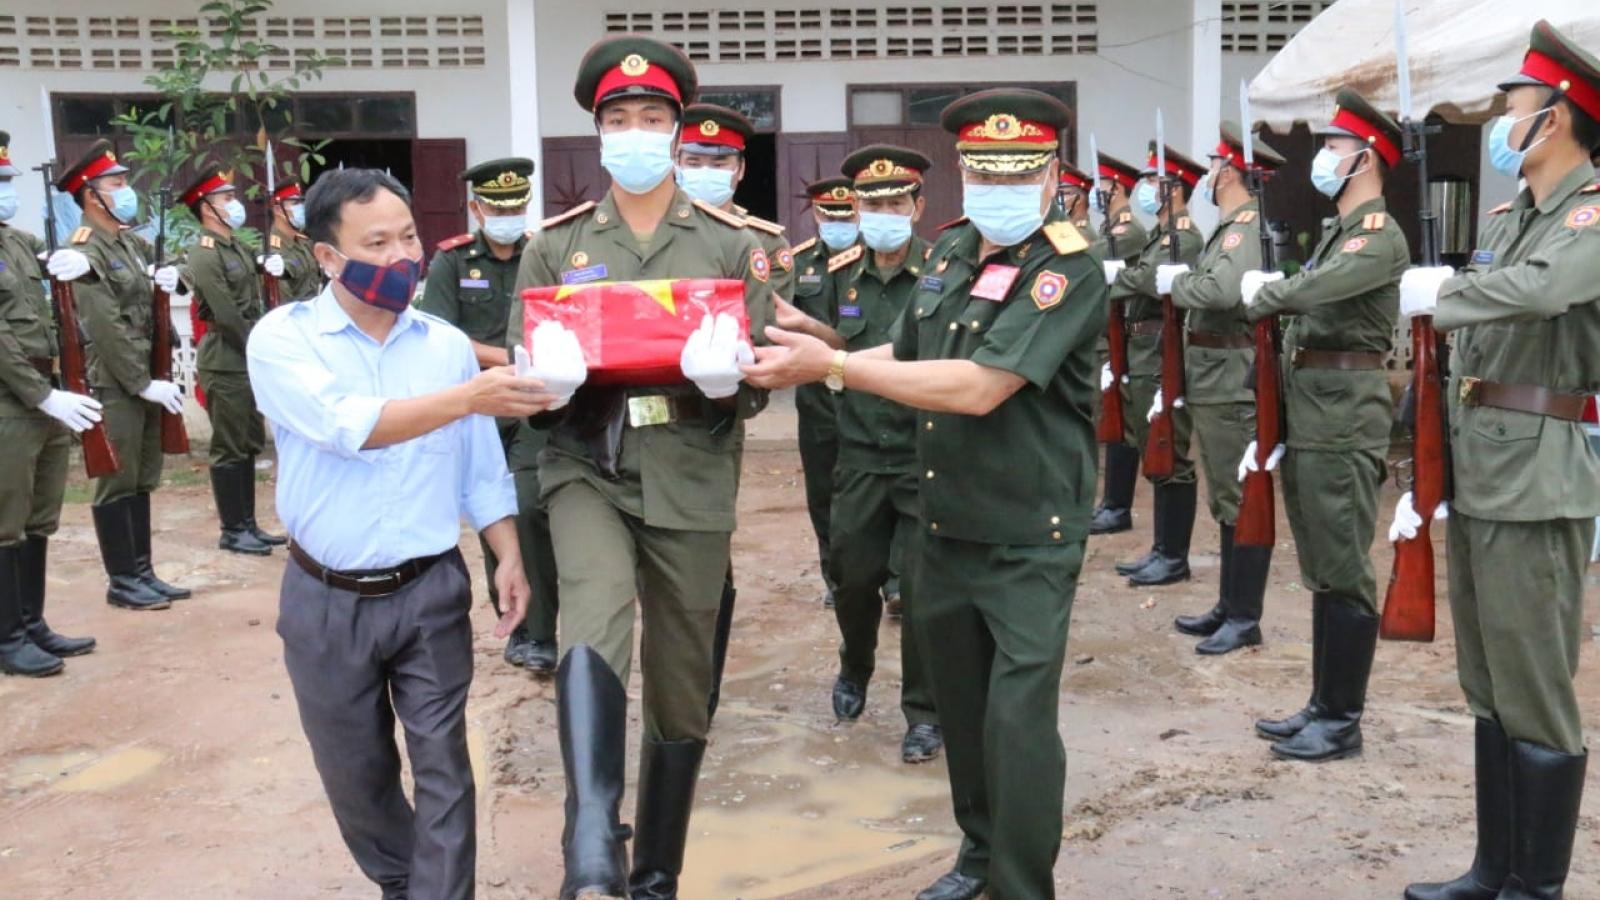 Tiễn đưa hài cốt liệt sĩ chuyên gia và quân tình nguyện Việt Nam hy sinh tại Lào về nước